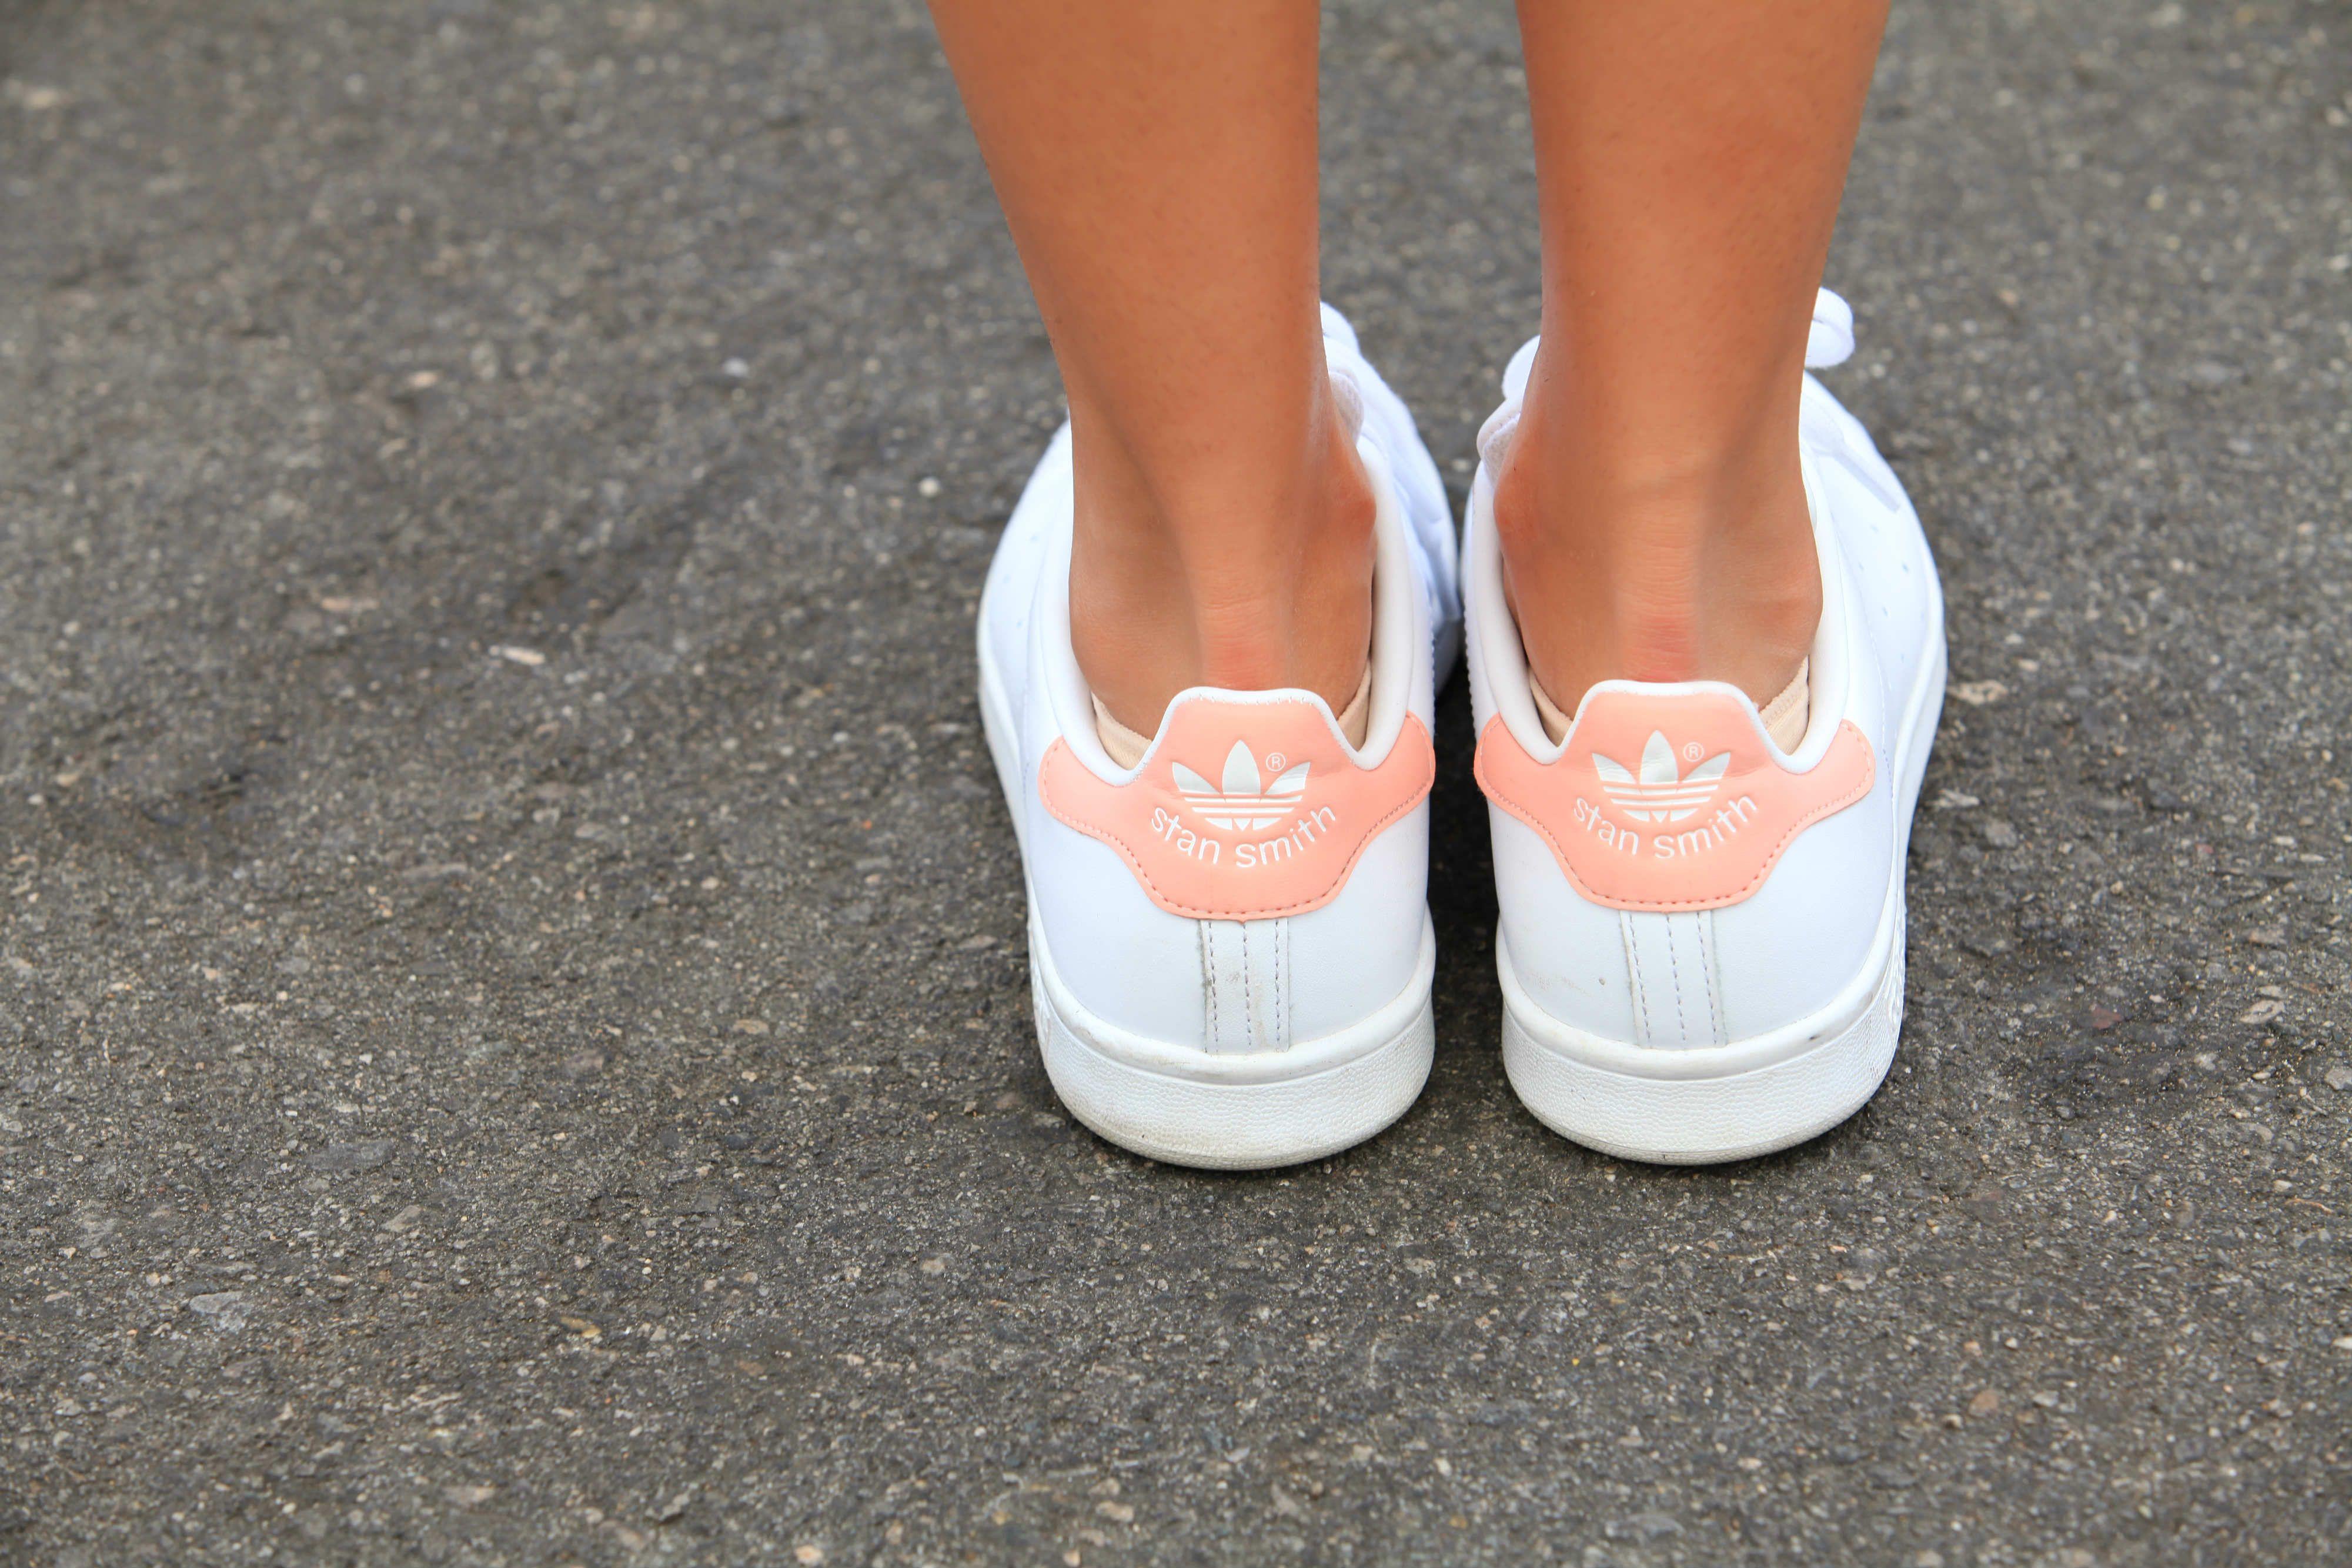 Stan Smith, Adidas, Scarpe Da Tennis, Le Tendenze Delle Scarpe Da Ginnastica, Completo Di Idee